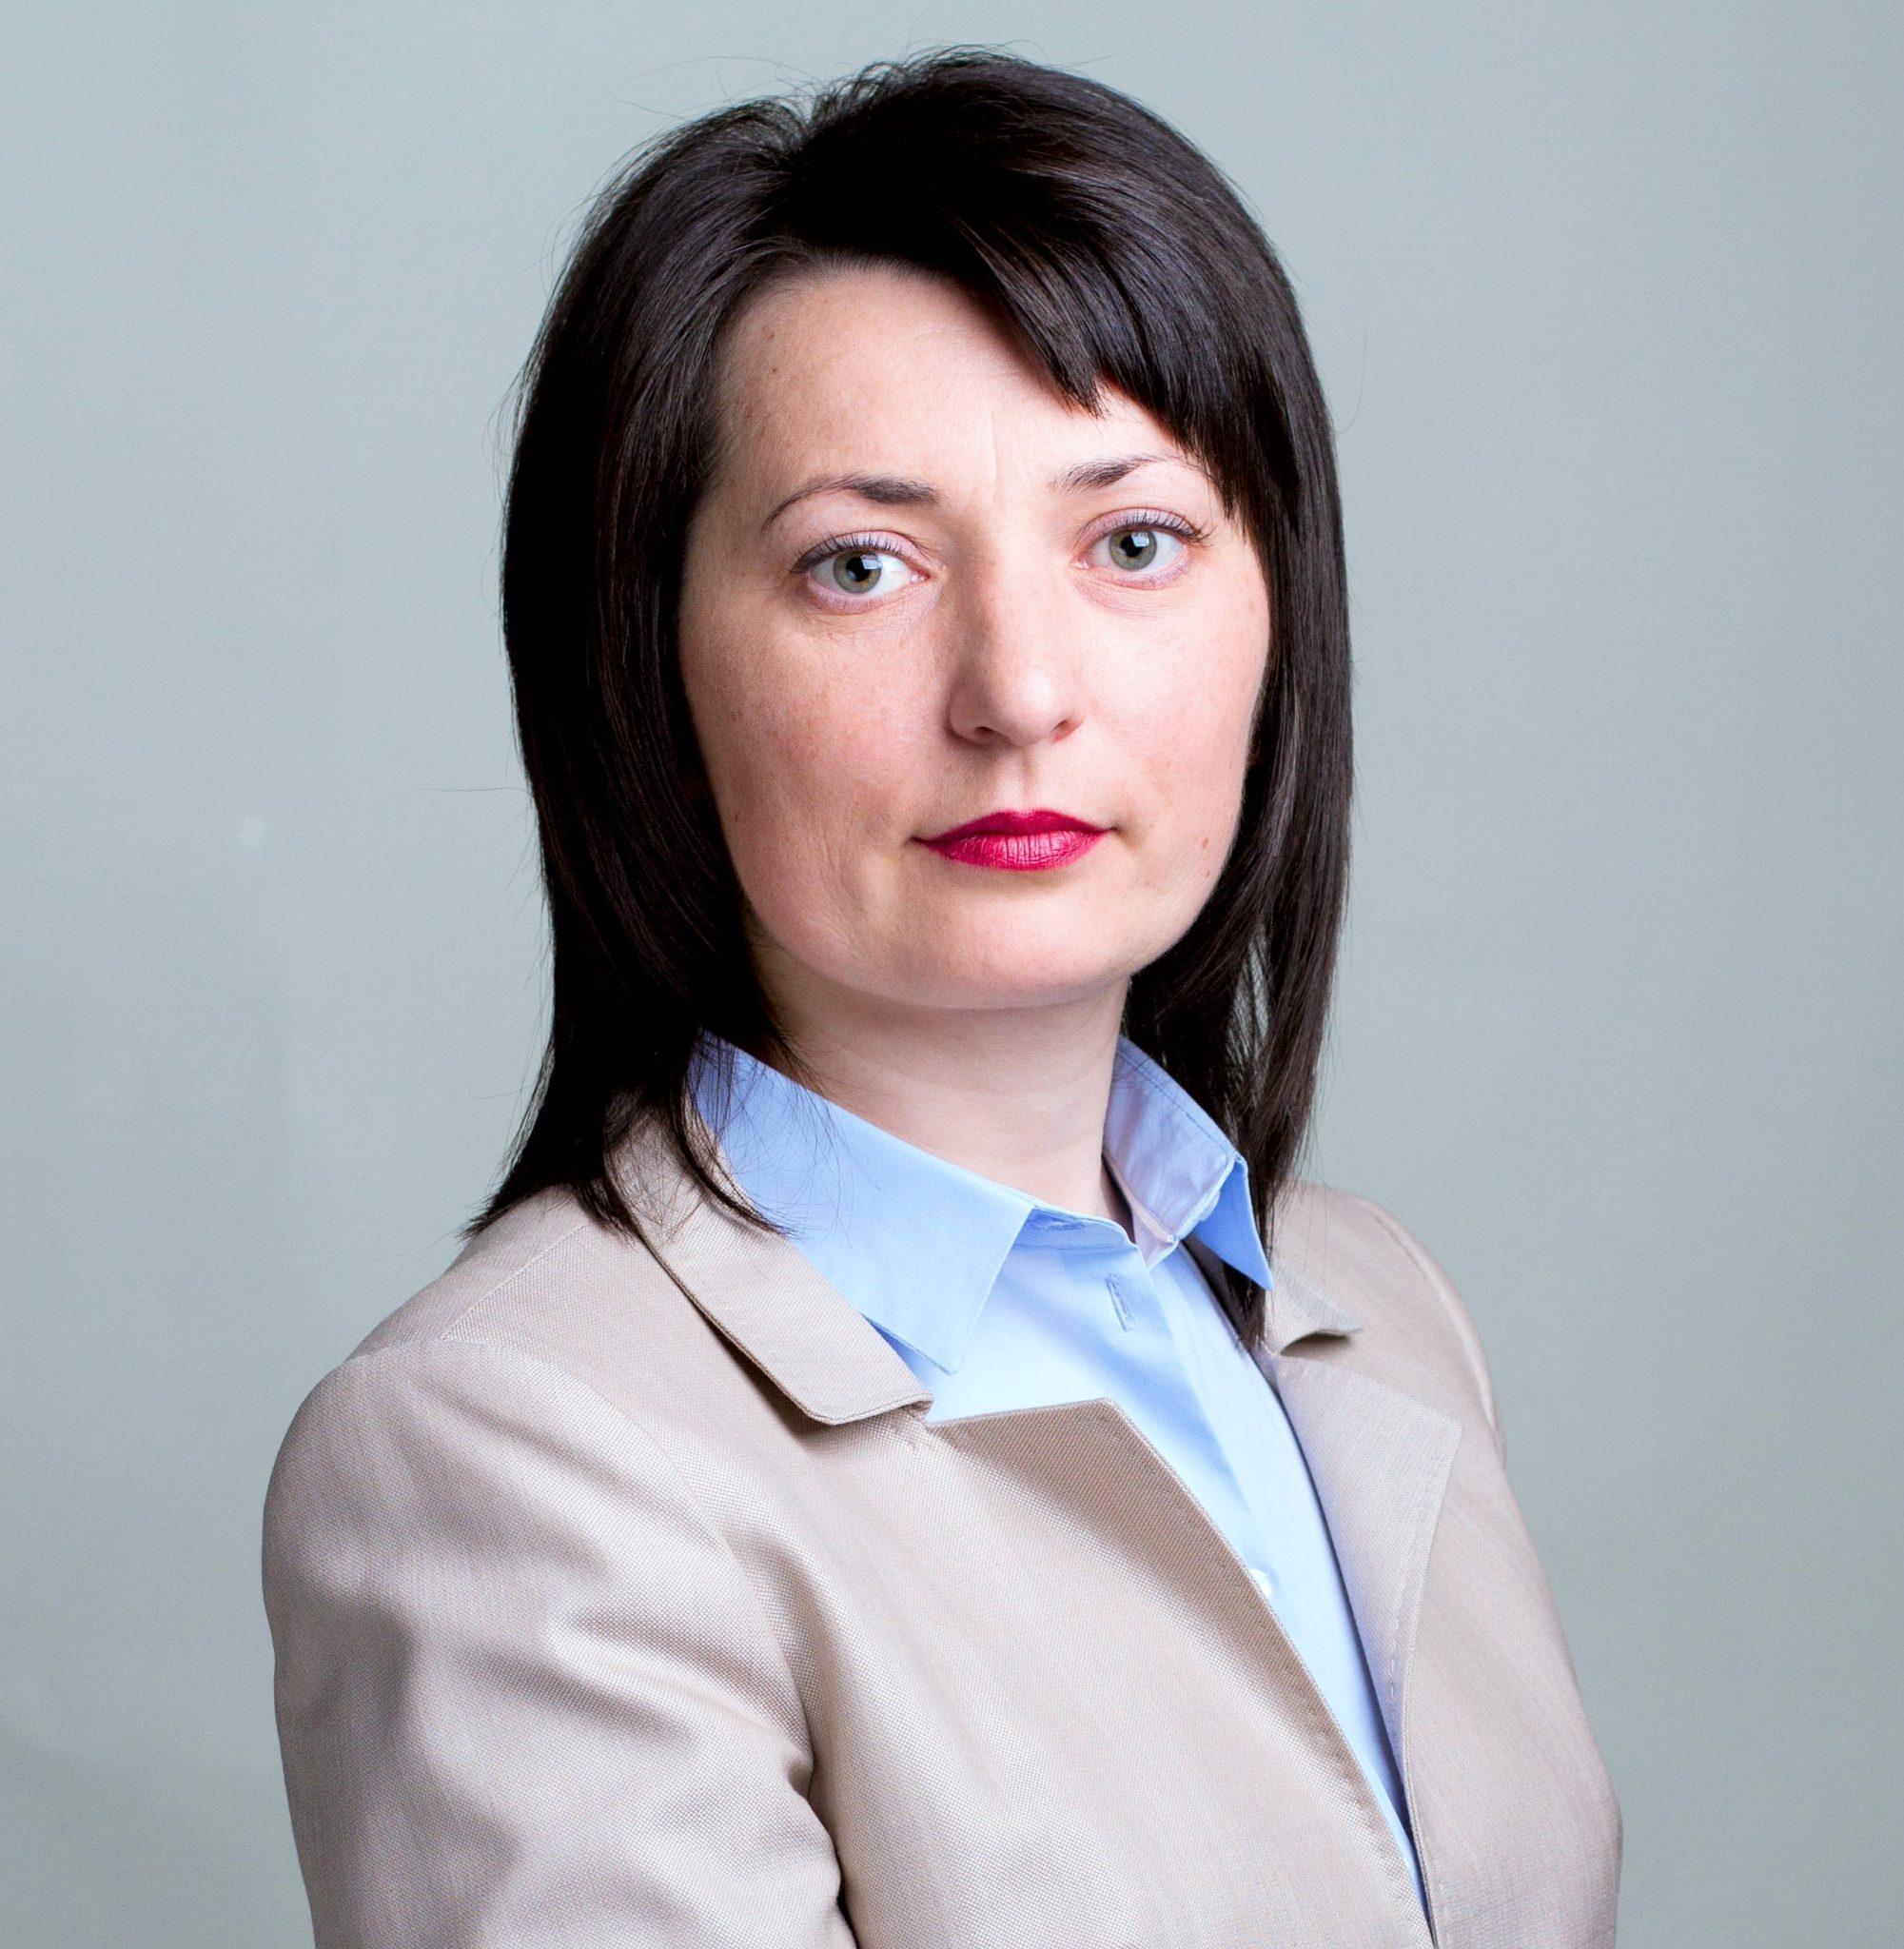 Fosta șefă a BRD și un regizor moldovean stabilit în SUA sunt candidații PDM în două circumscripții din afara țării